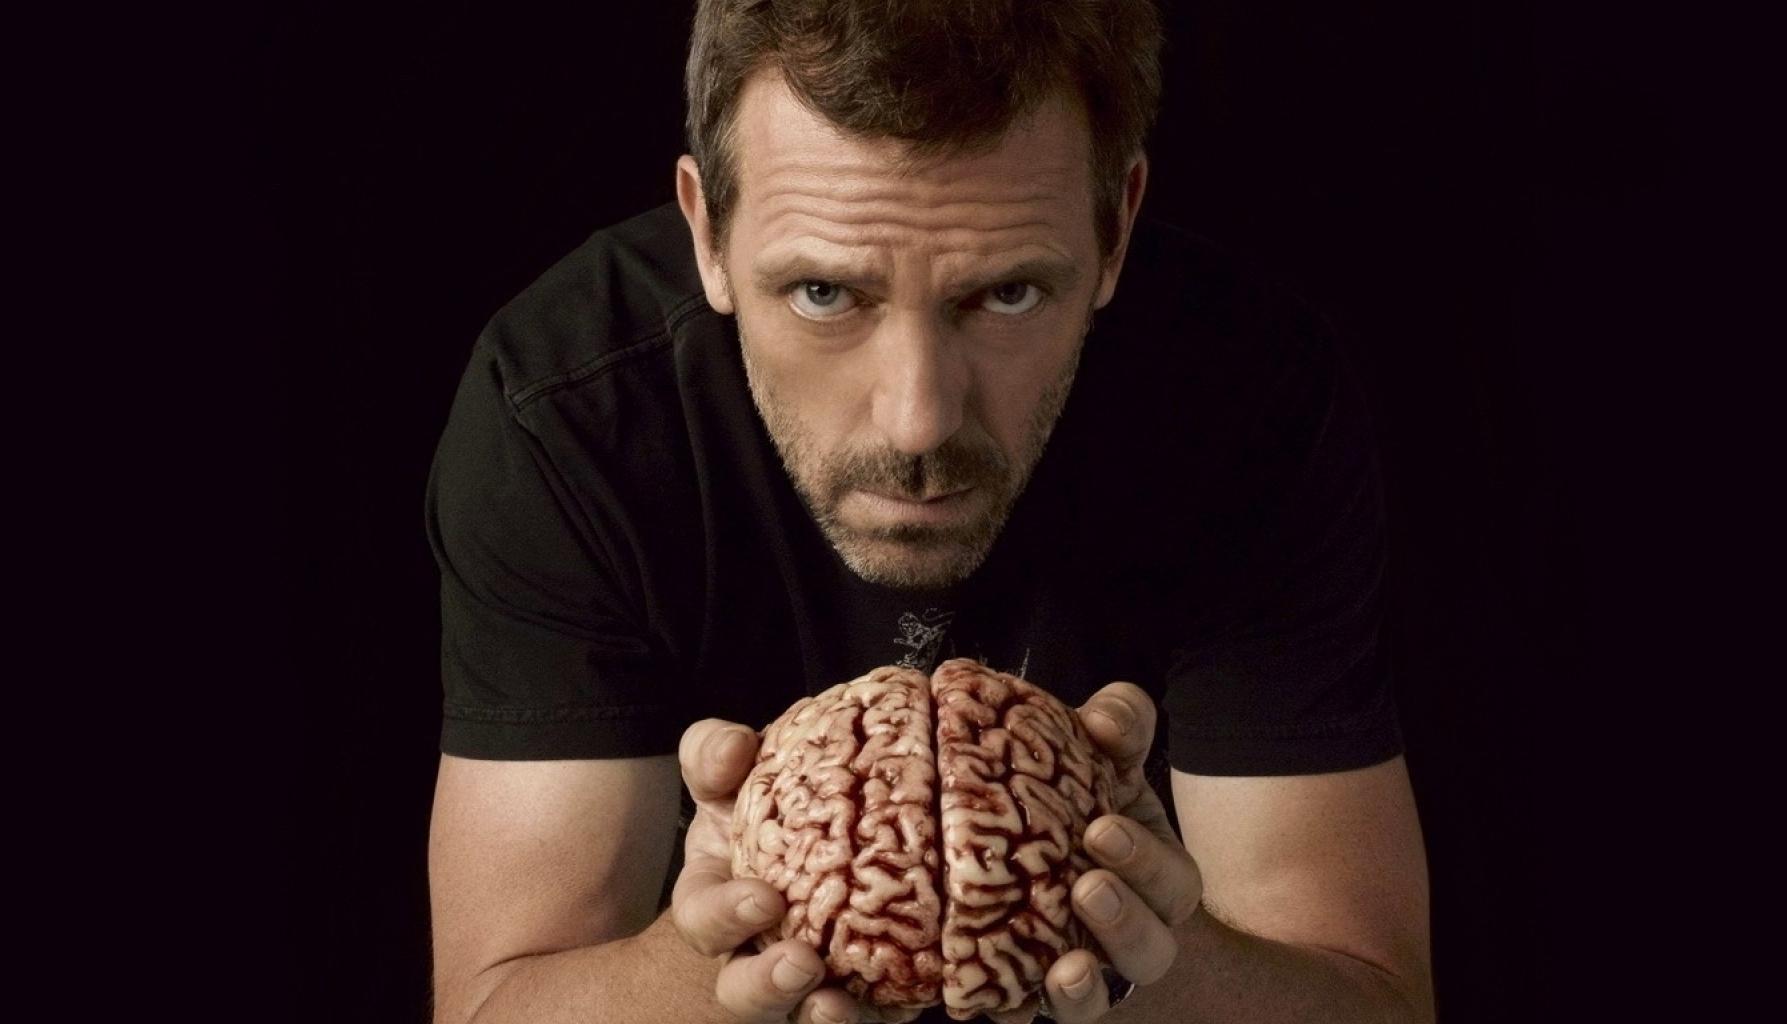 августе ест мозги картинка научиться готовить очень